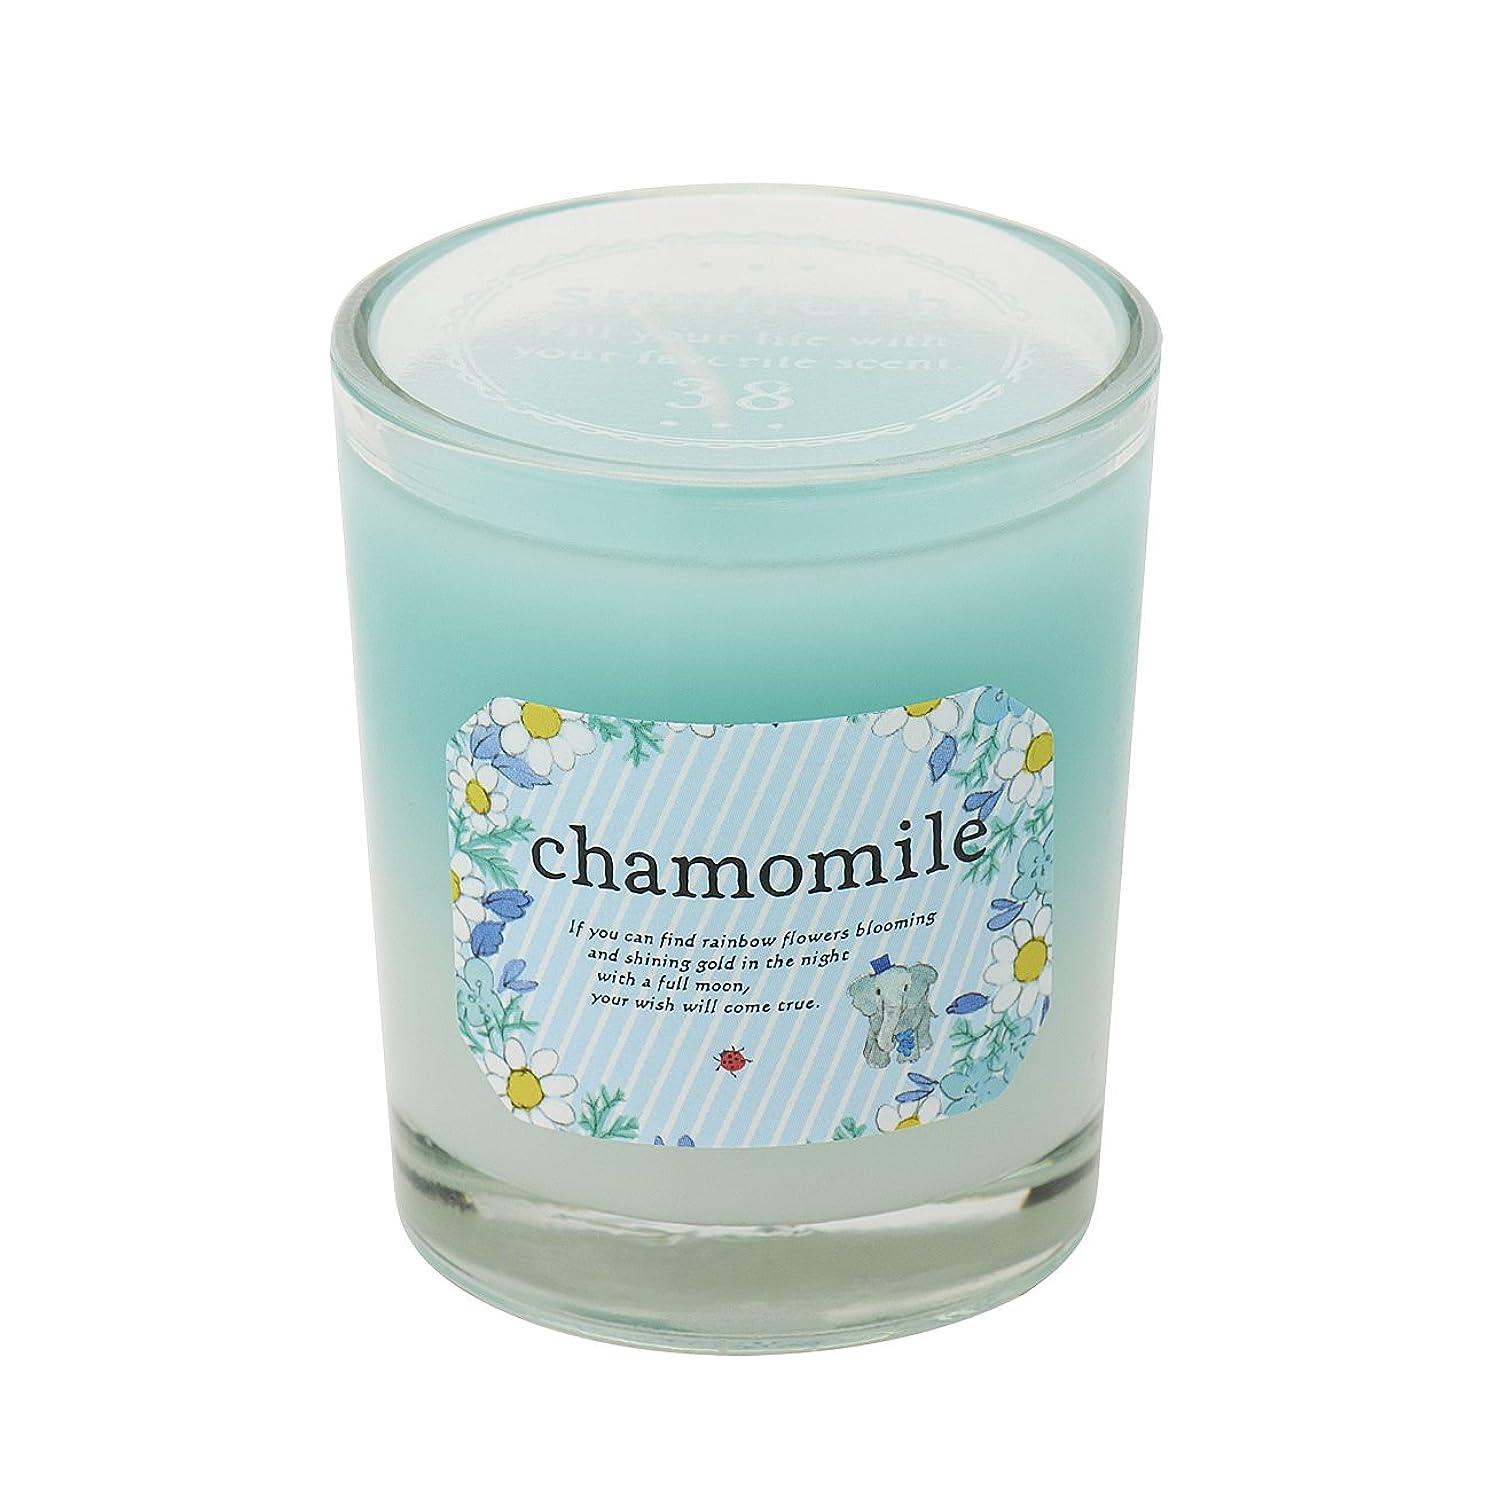 商品残忍なアヒルサンハーブ グラスキャンドル カモマイル 35g(グラデーションろうそく 燃焼時間約10時間 やさしく穏やかな甘い香り)